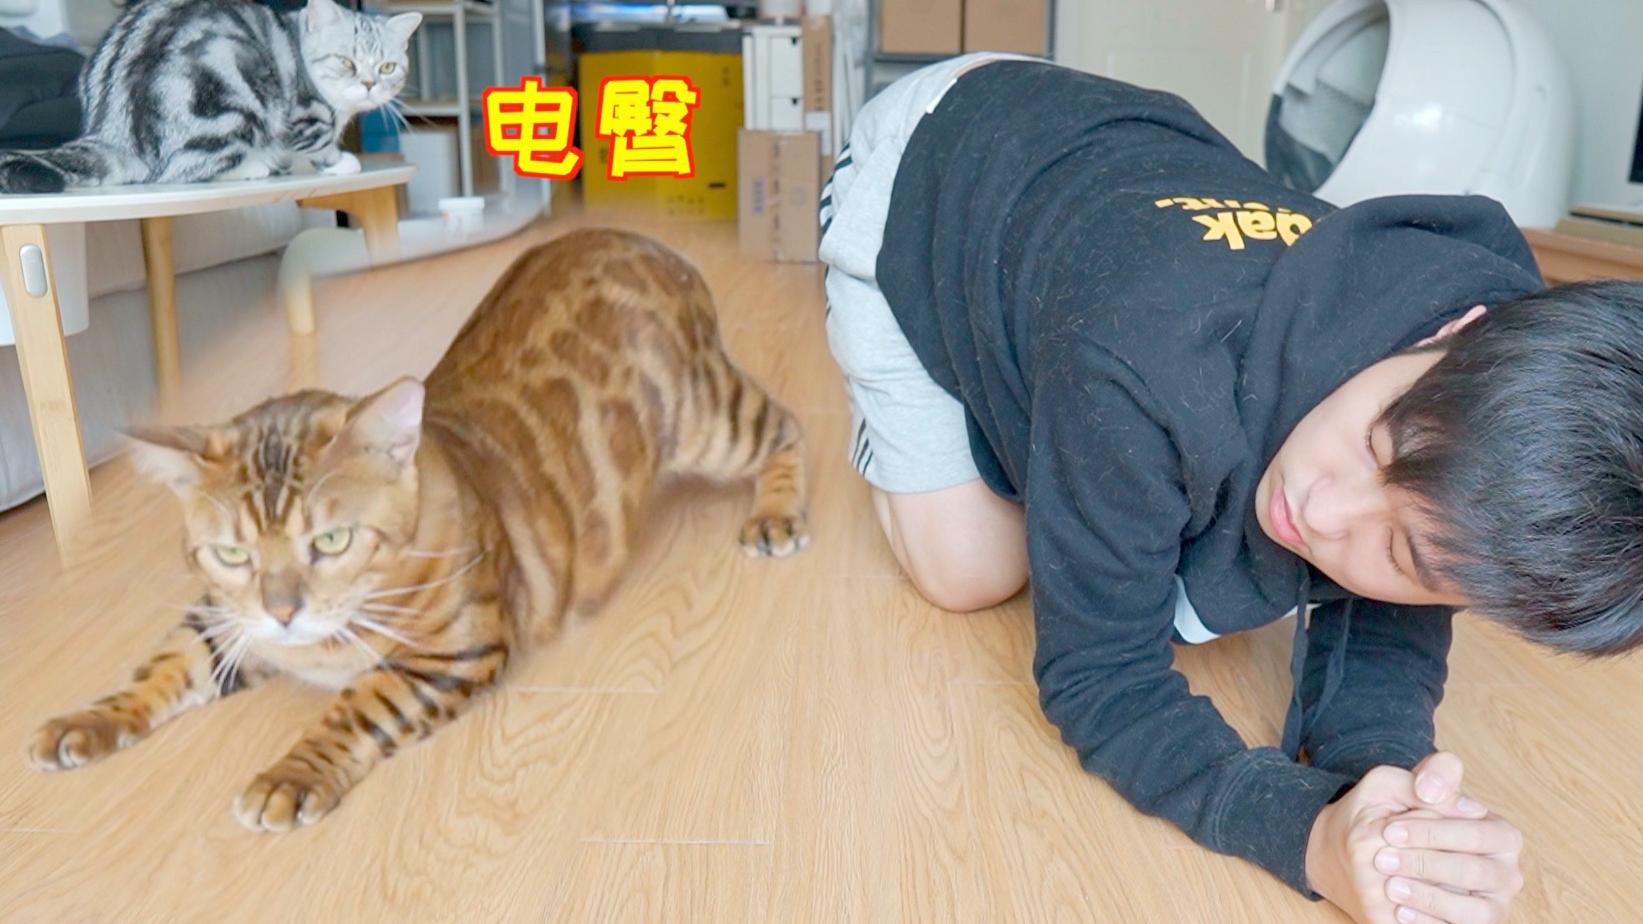 教家里猫扭屁股 学会后比我还能扭 秒变小电臀!